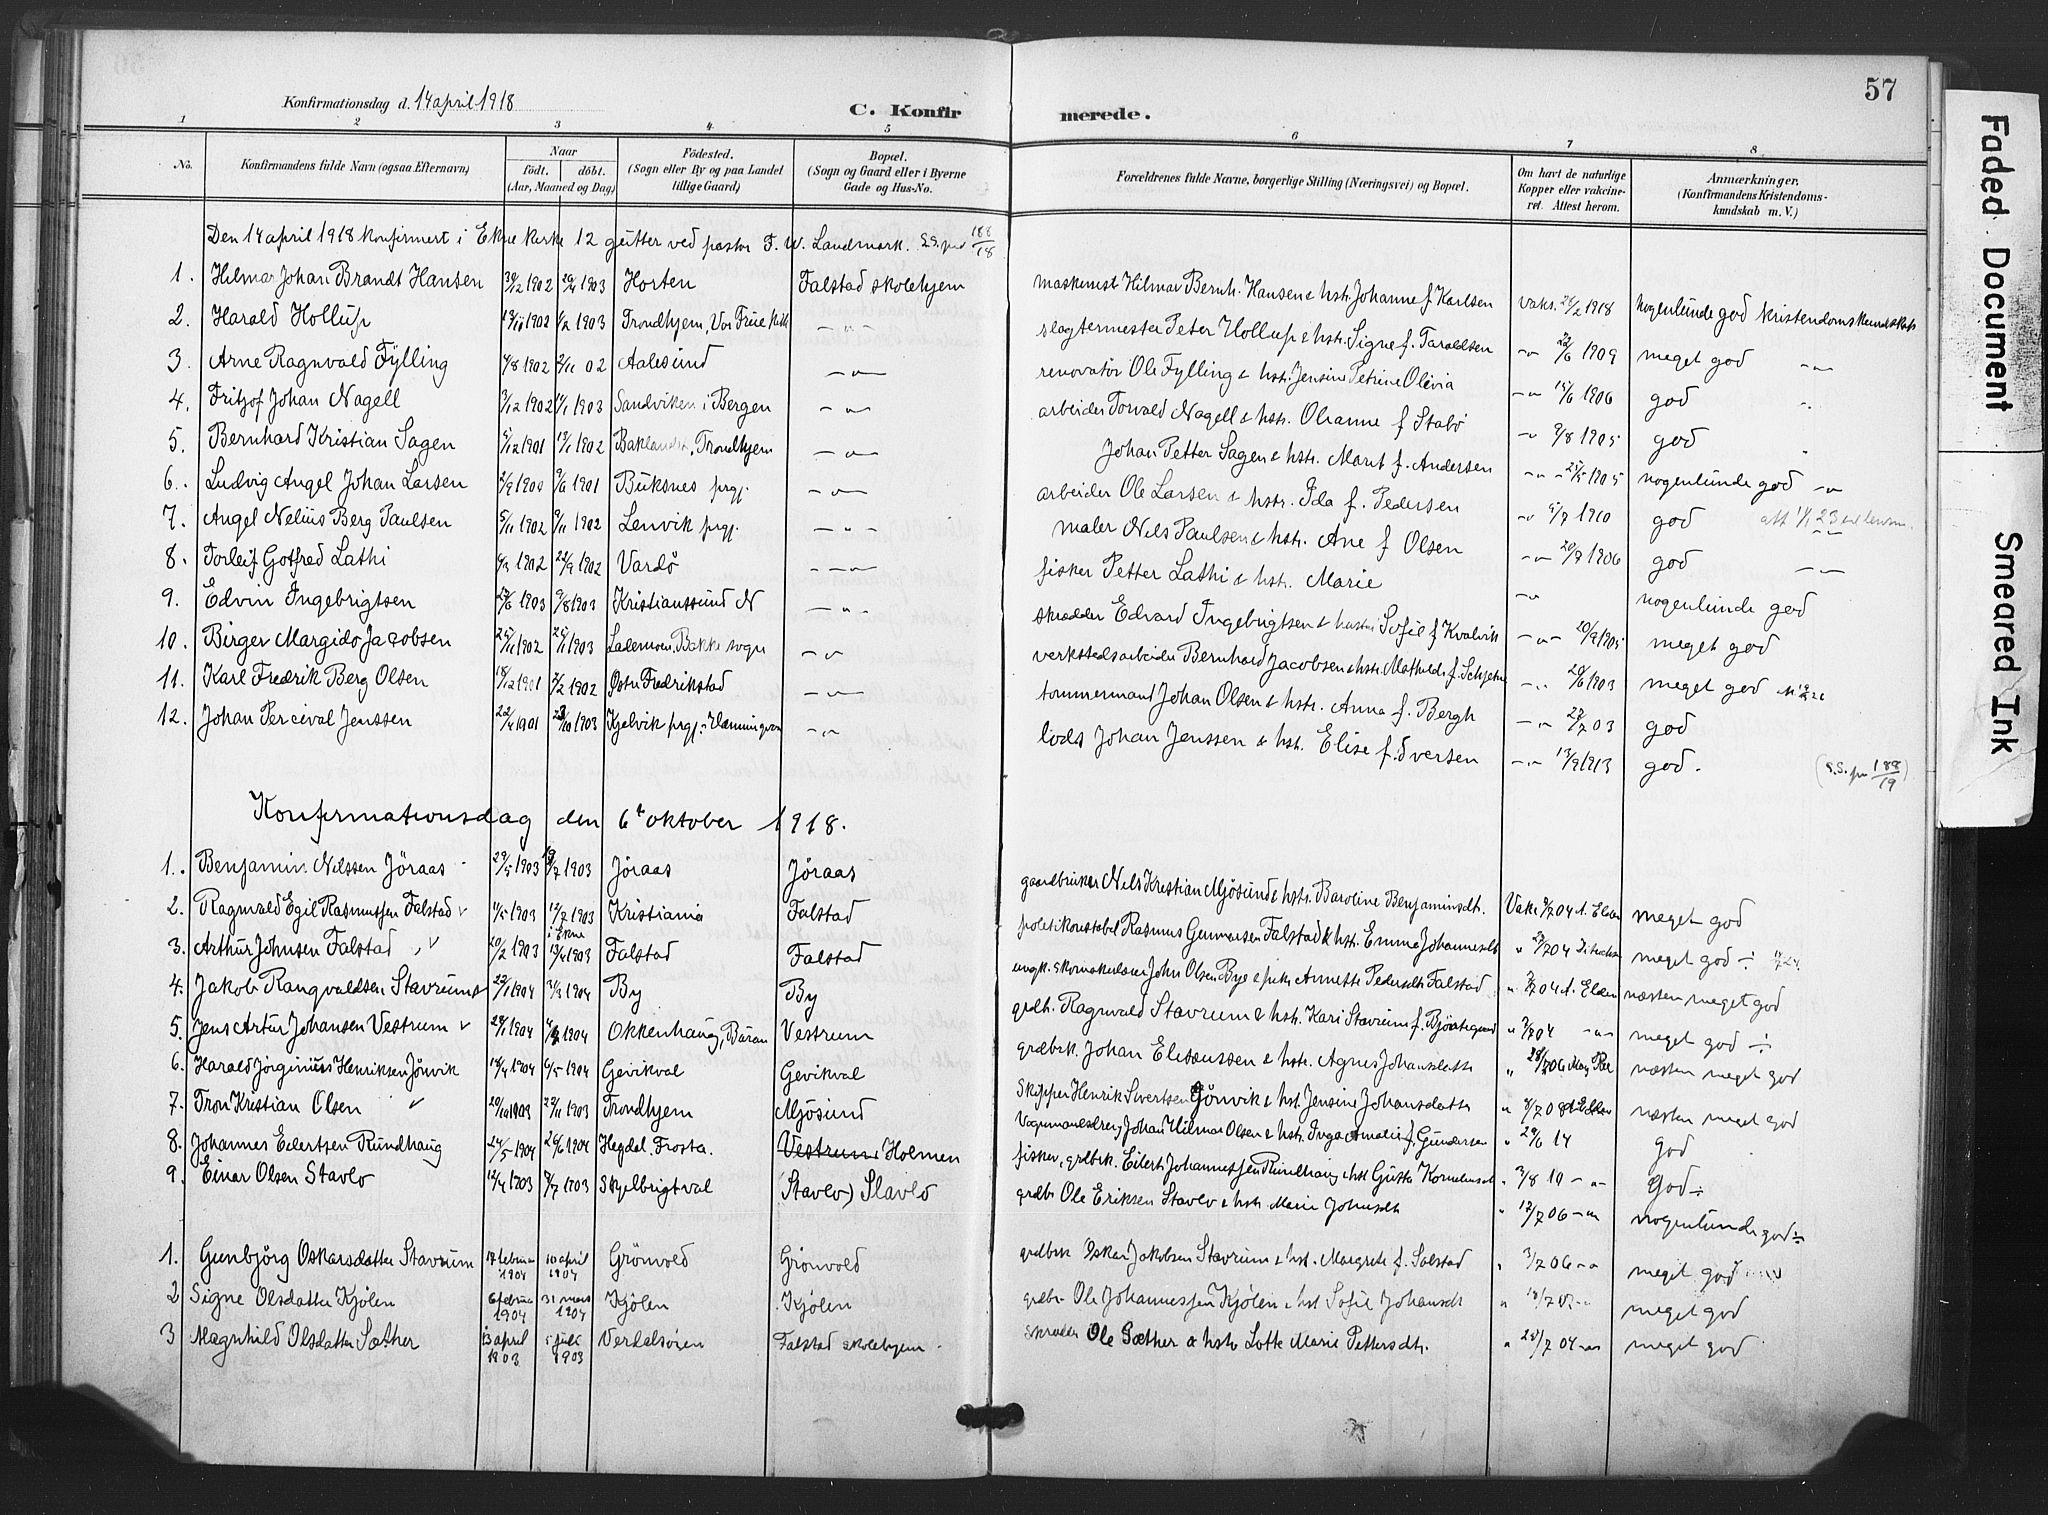 SAT, Ministerialprotokoller, klokkerbøker og fødselsregistre - Nord-Trøndelag, 719/L0179: Ministerialbok nr. 719A02, 1901-1923, s. 57